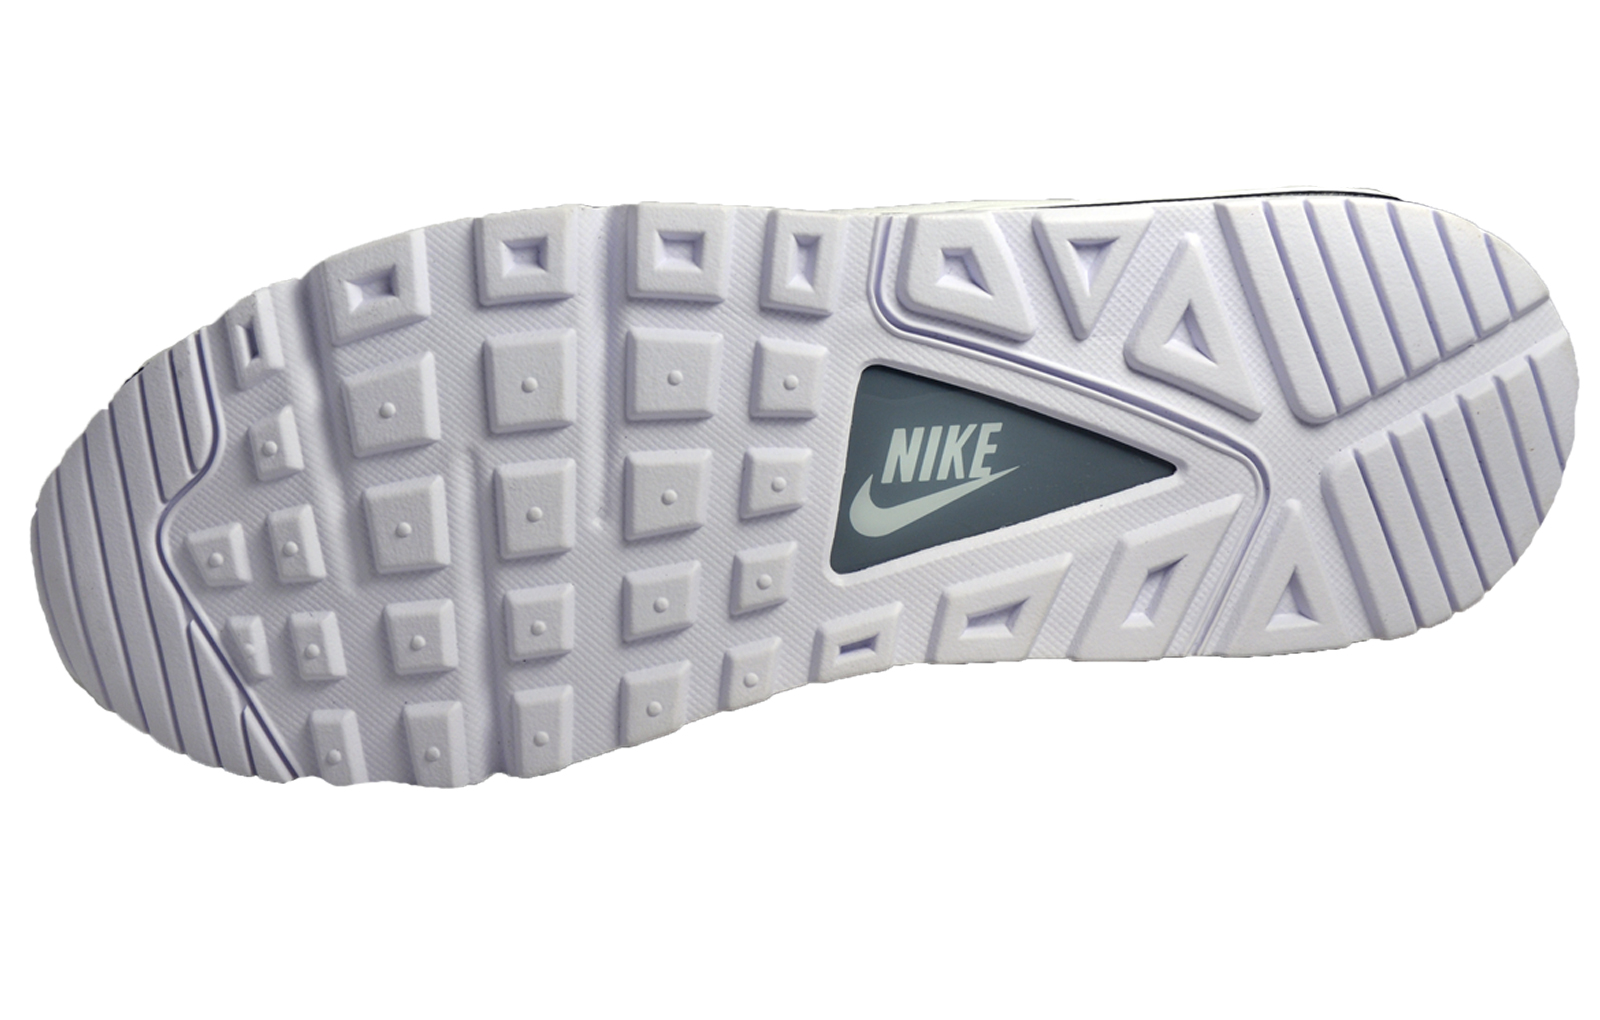 Comando Nike Air Max Acquistare Qui Pagare DalFRM